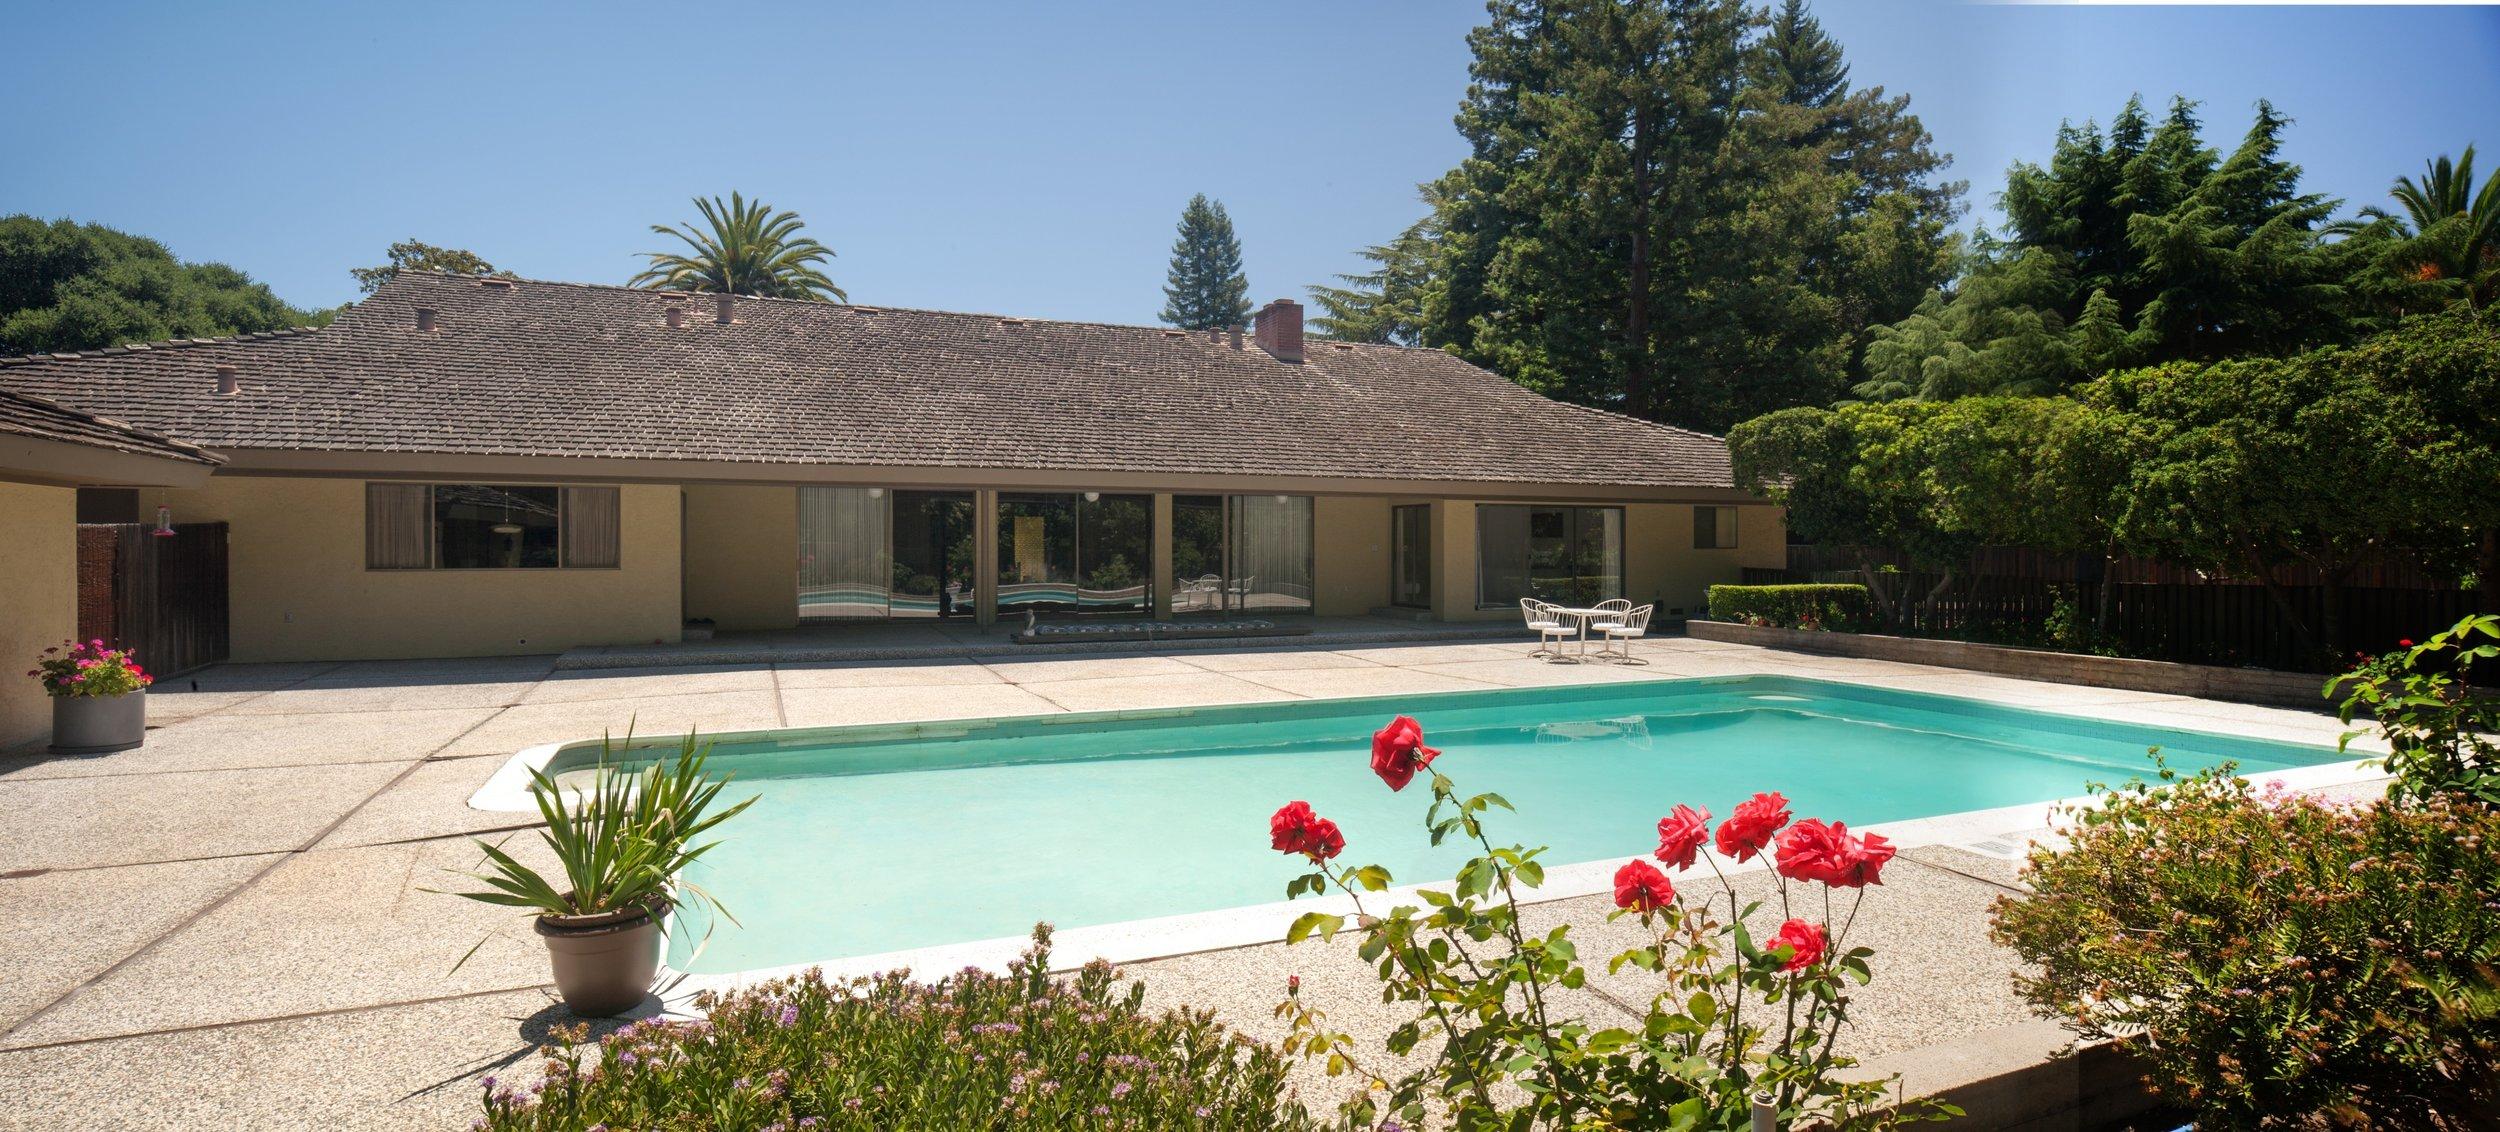 58 Tuscaloosa Avenue, Atherton, CA | $6,750,000